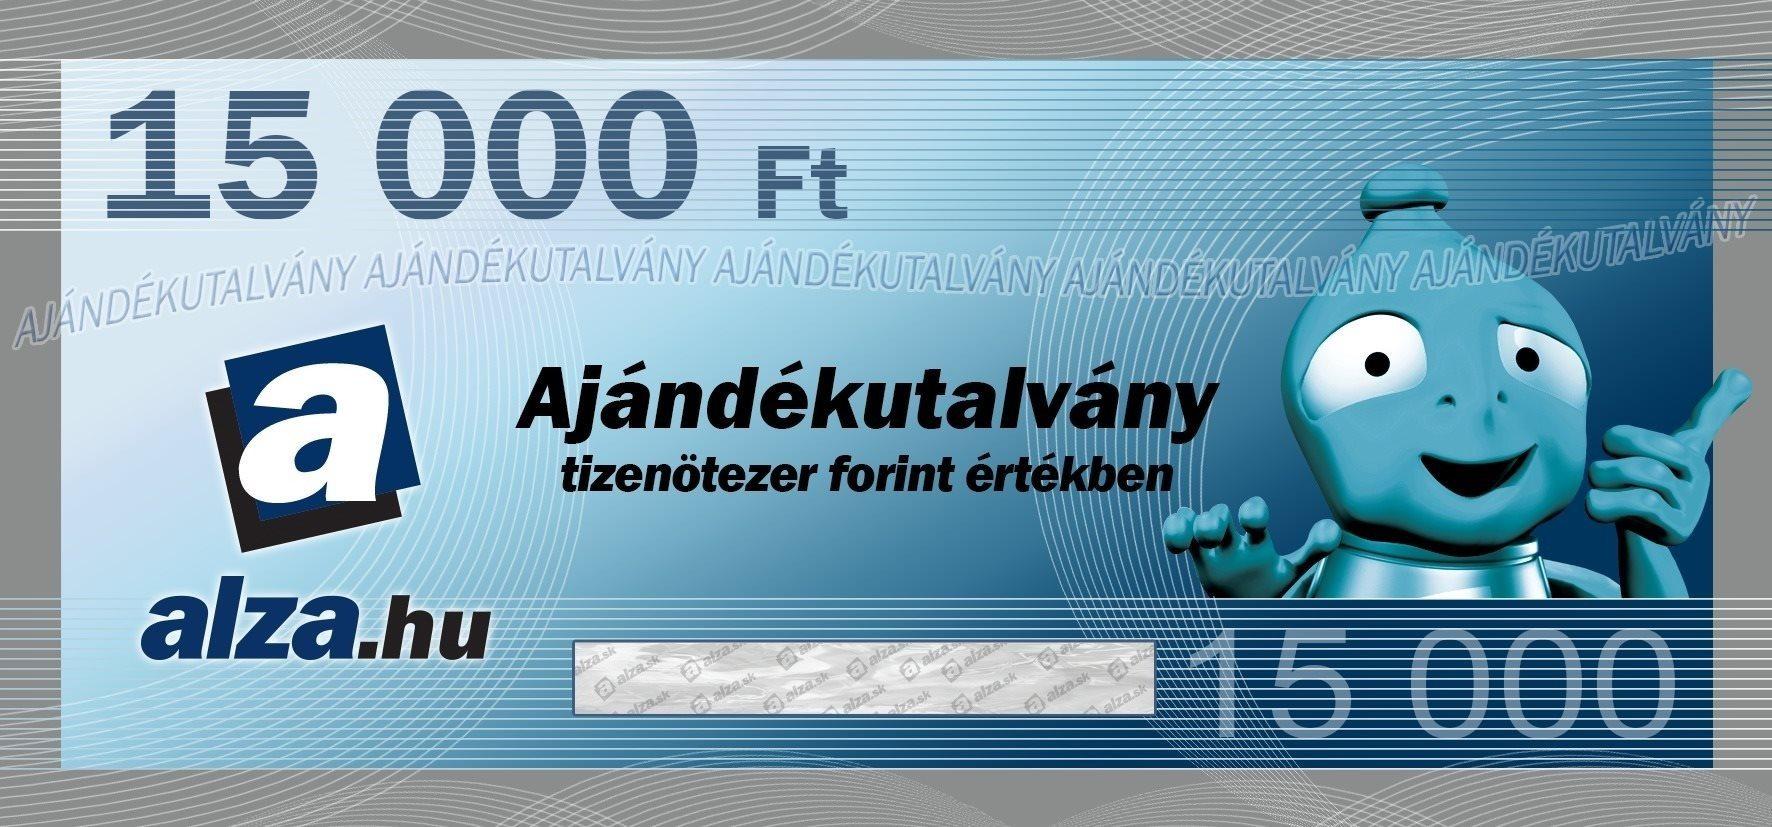 Elektronikus Alza.hu ajándékutalvány 15000 Ft értékben